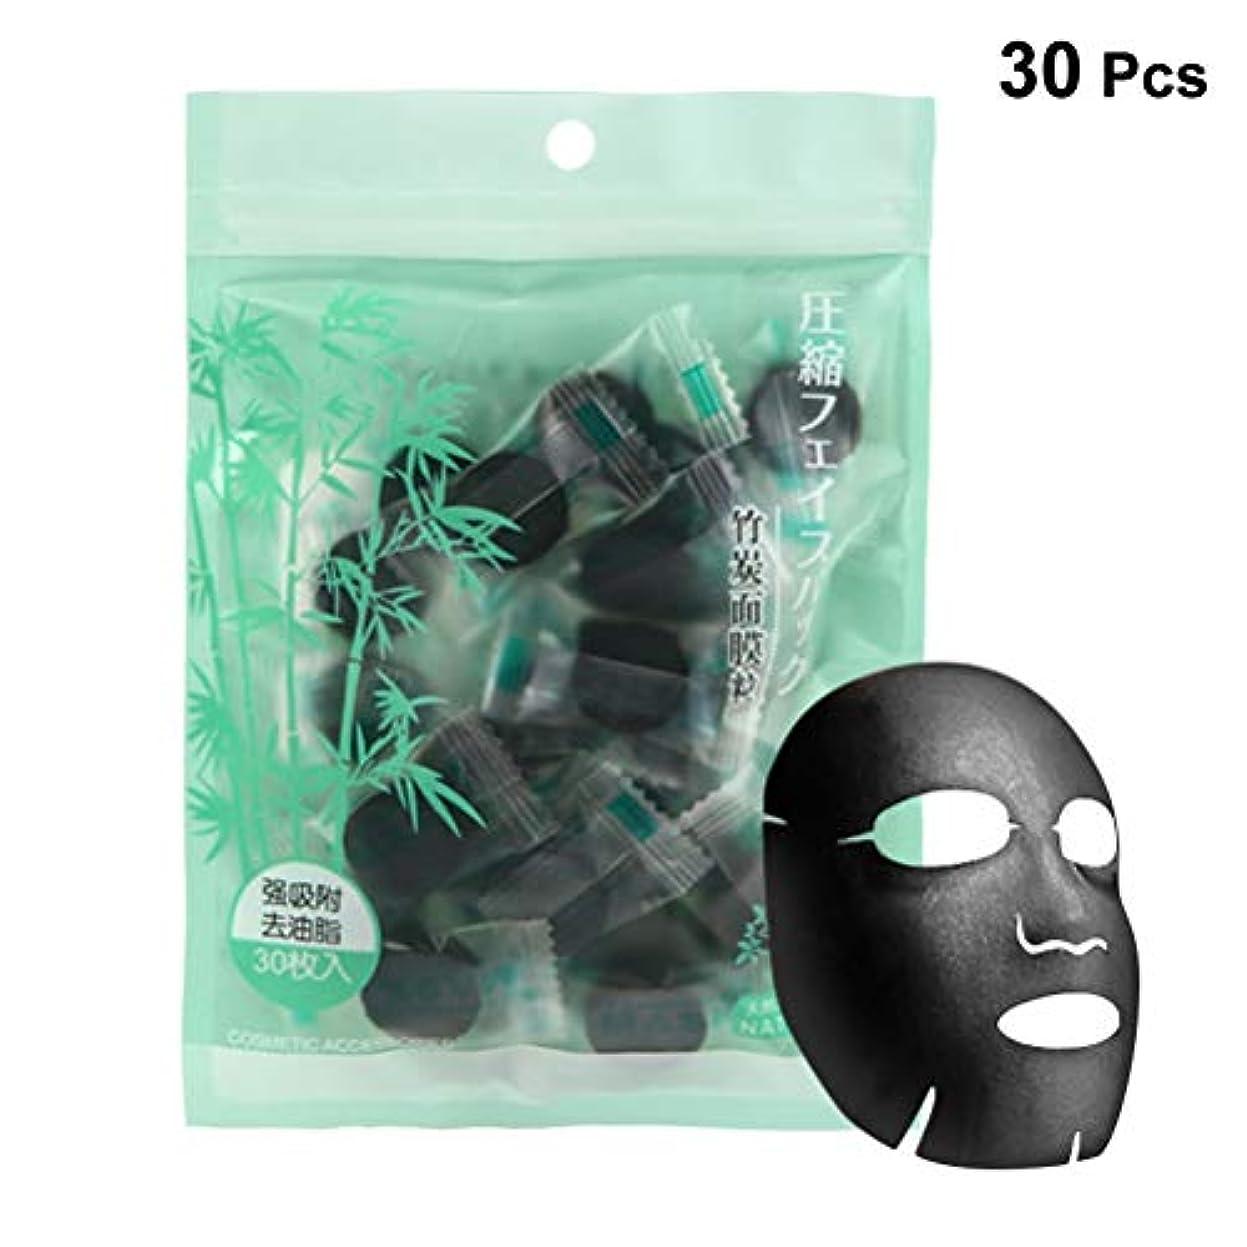 どちらか蜂信号h 圧縮フェイスマスクブラック使い捨てスキンフェイスケアDIYフェイシャルマスク30ピース